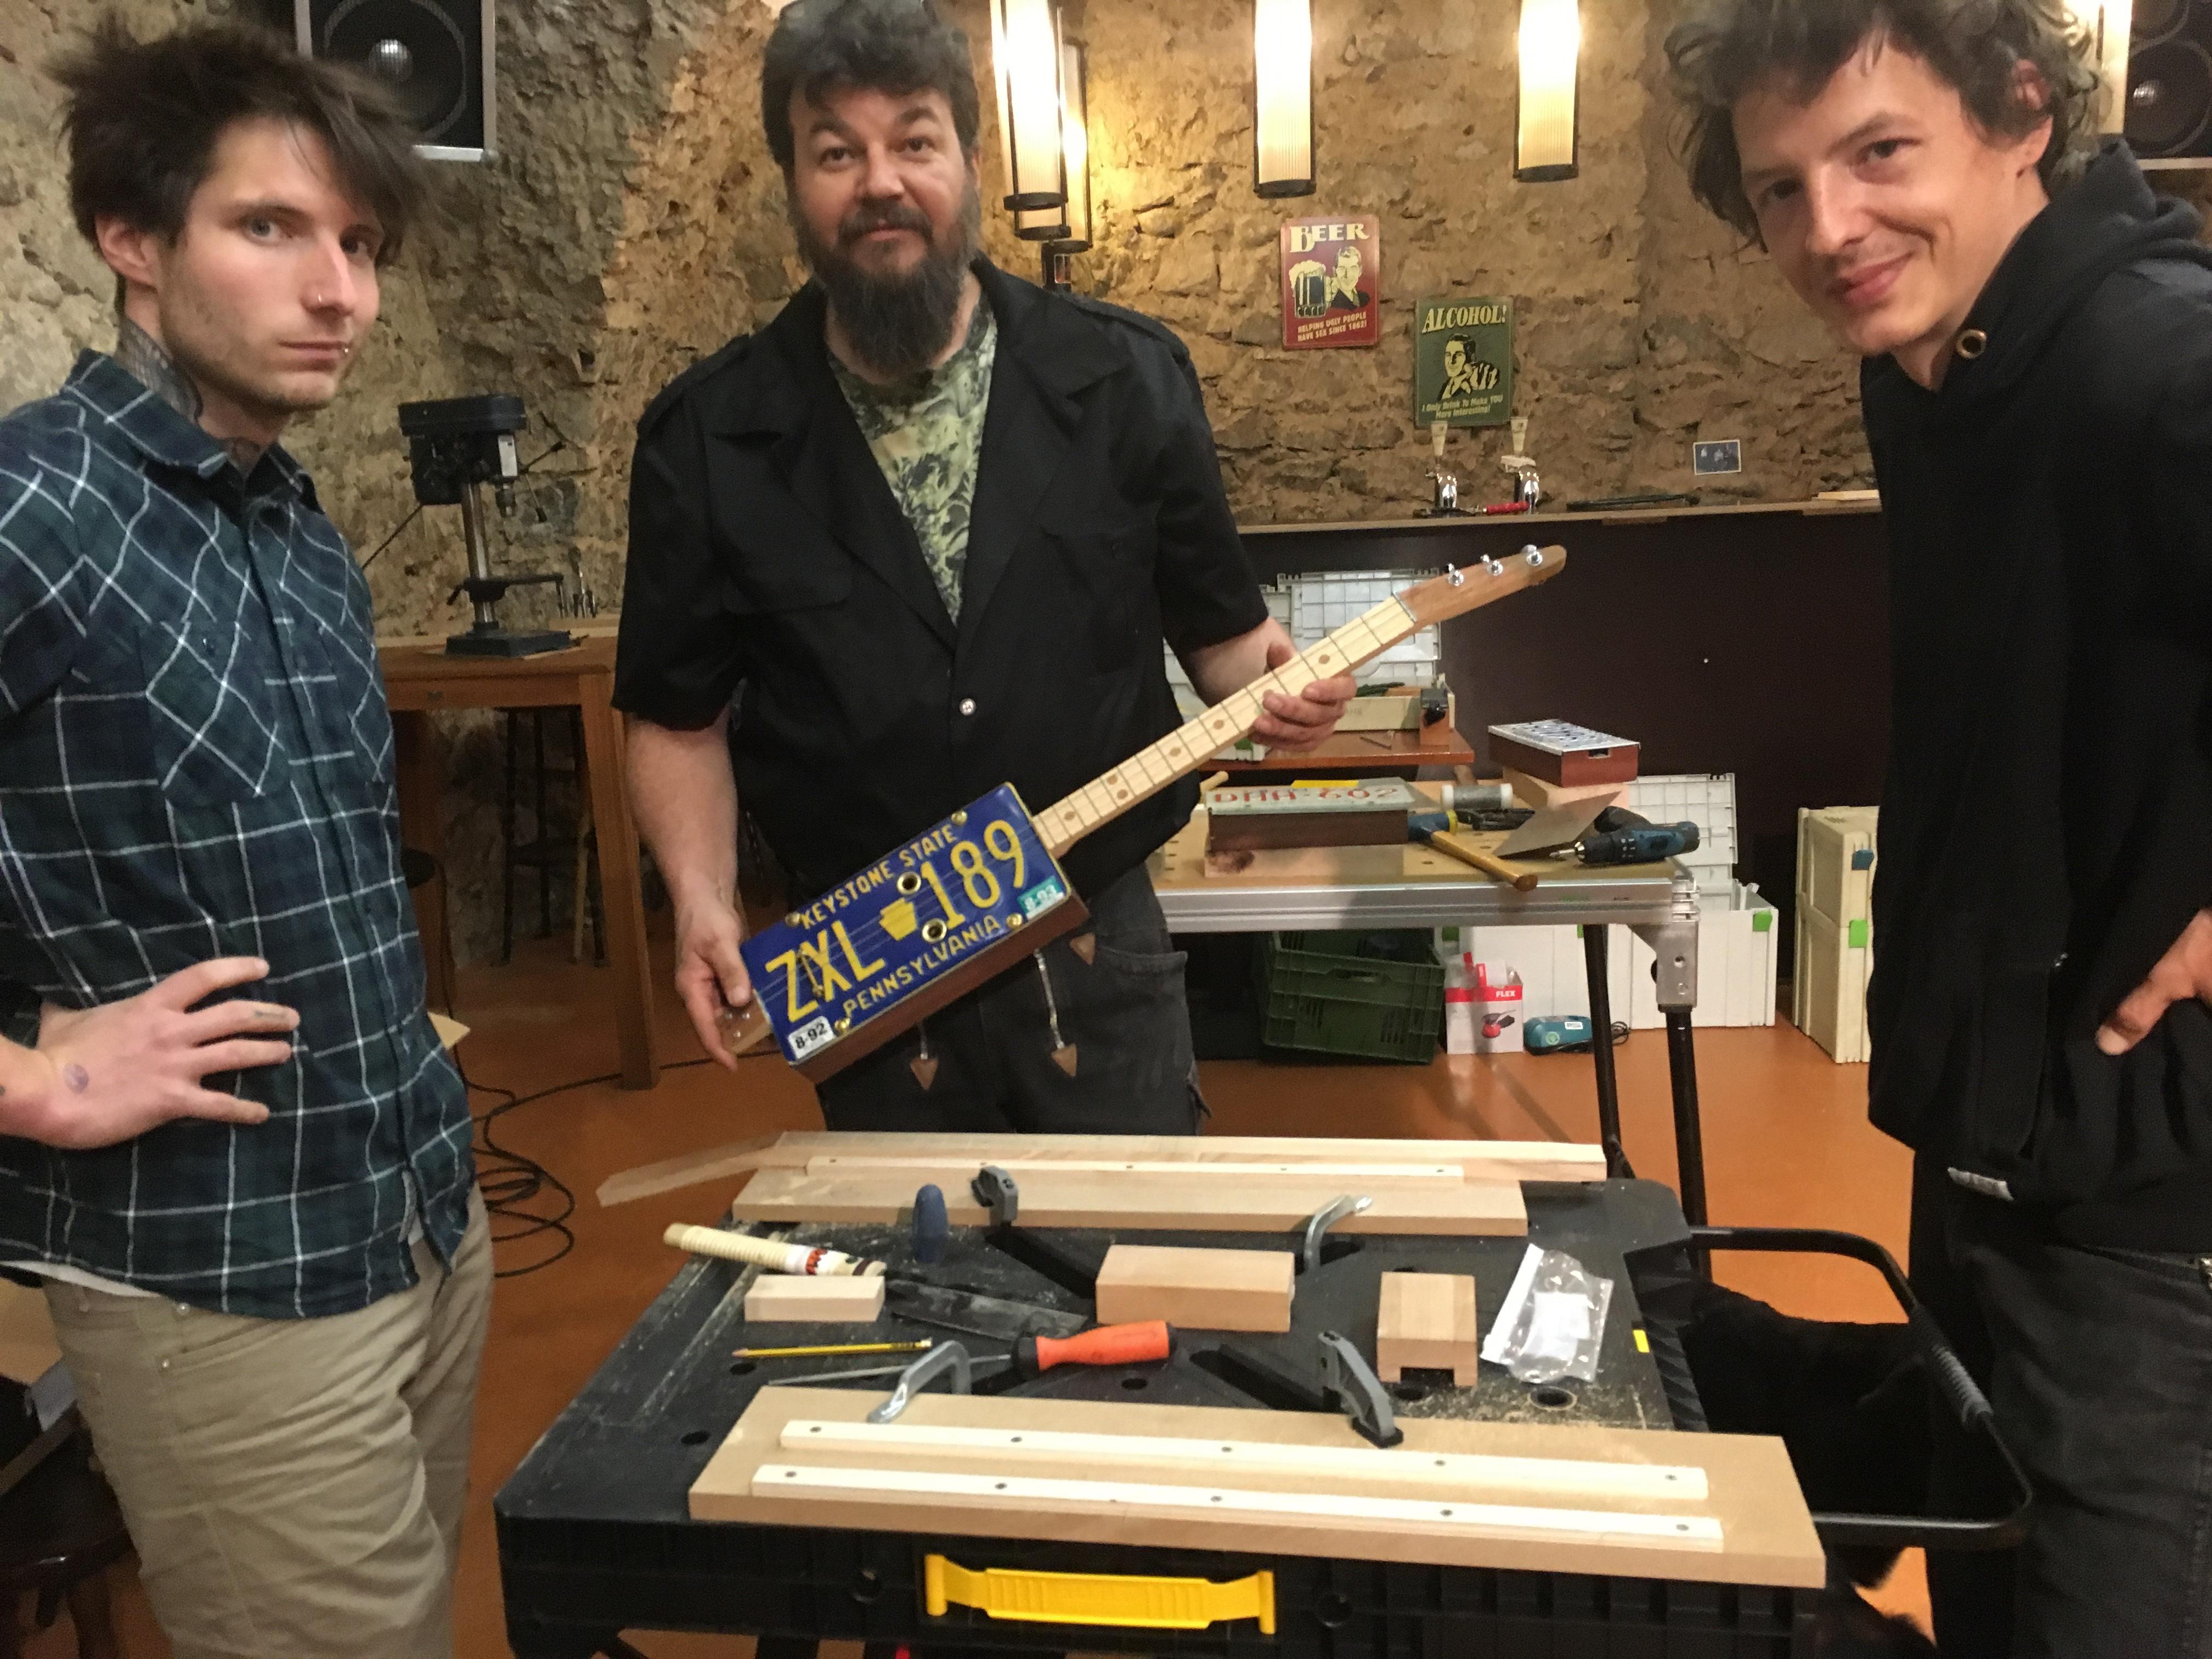 Upcycling Guitar Workshop Freiburger Straßenschule mit Fabian Fahr Workshopleiter